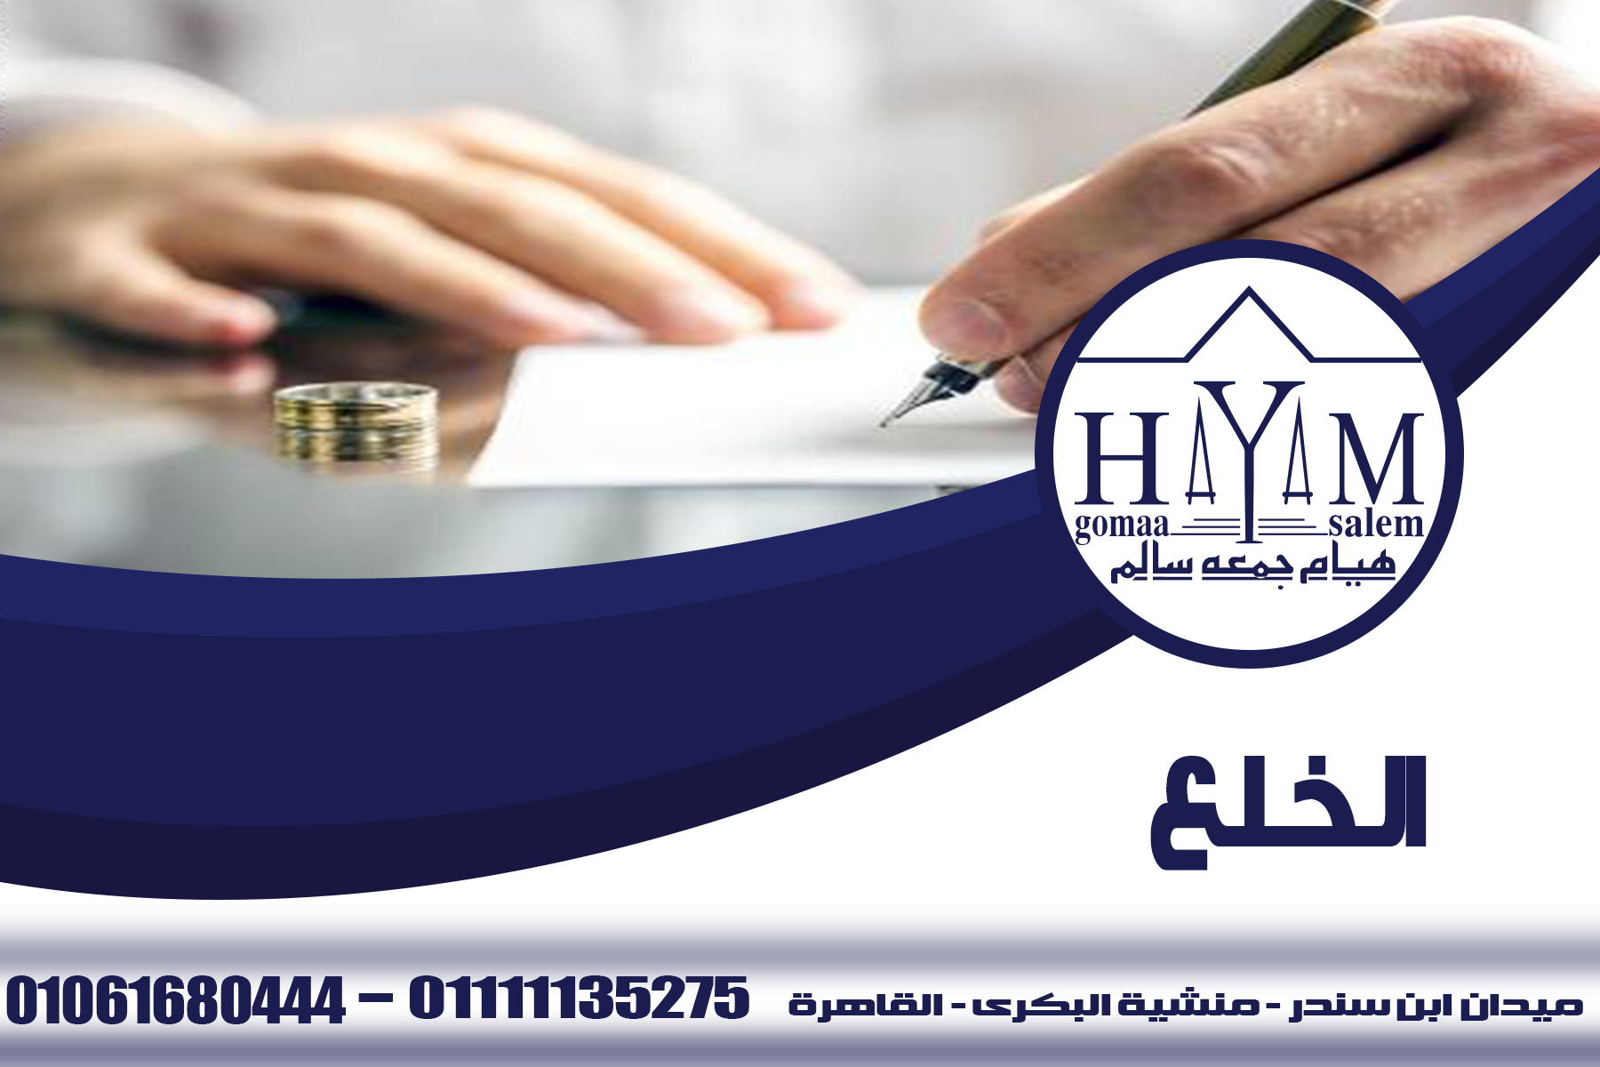 الخلع – زواج الاجانب في مصر المحامية هيام جمعه سالم 01061680444